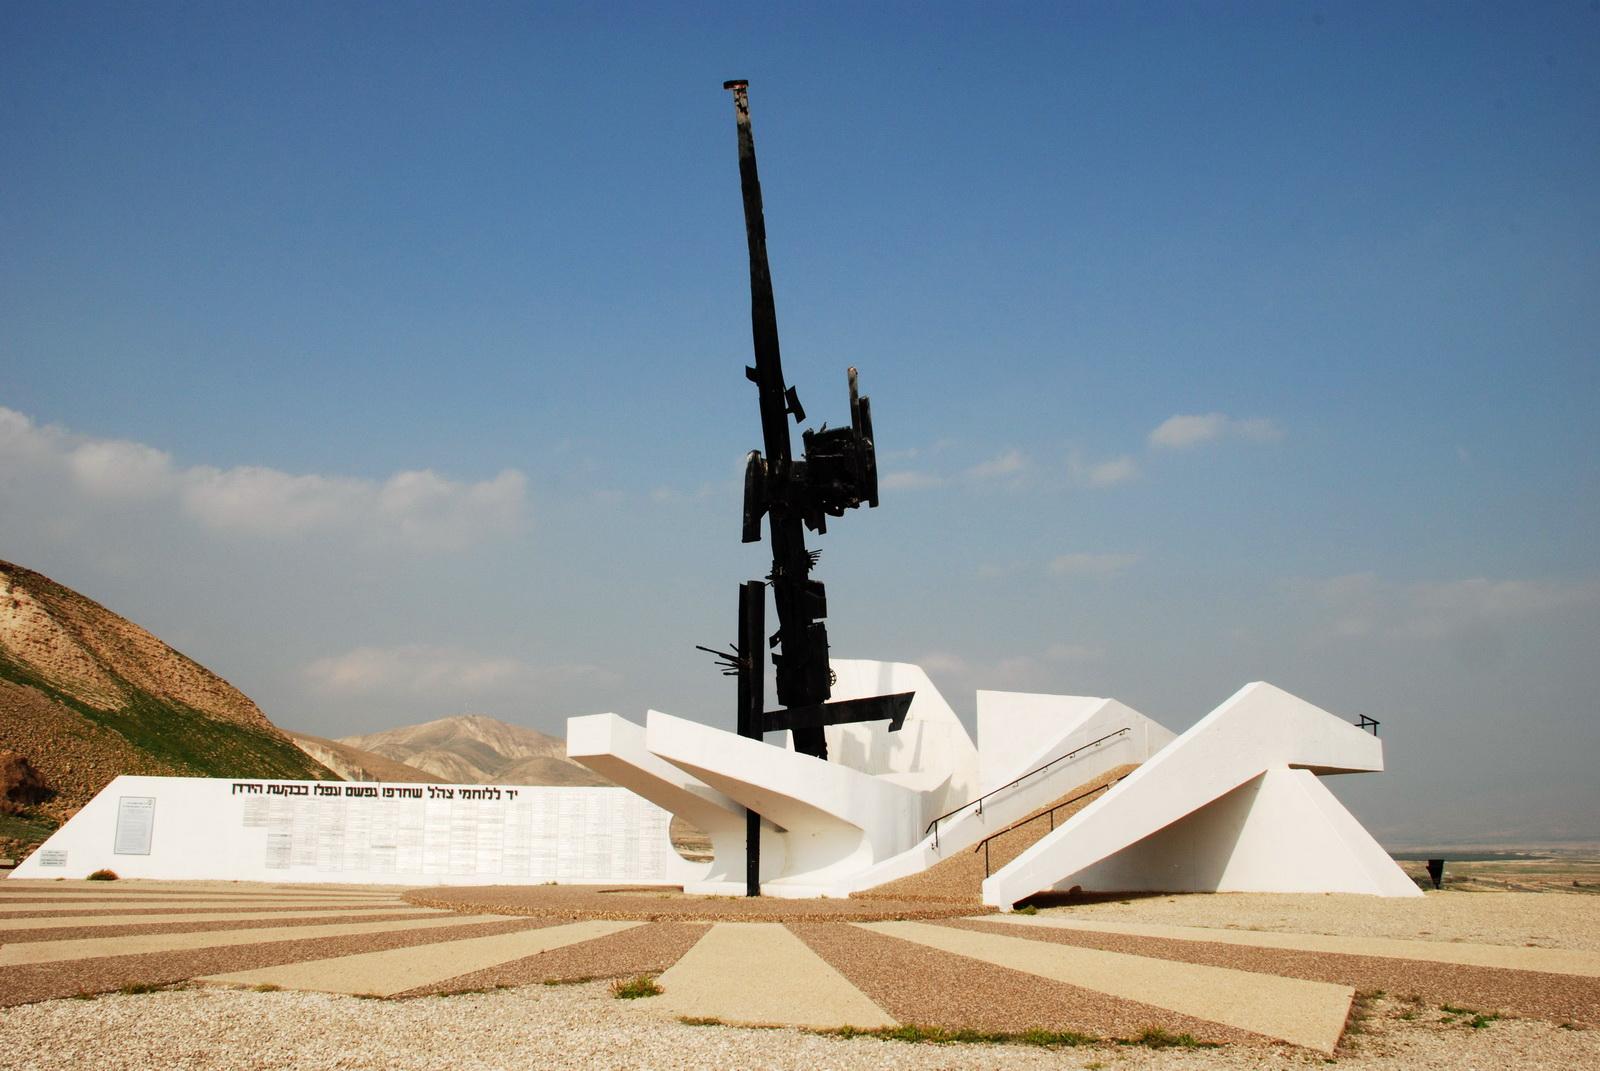 אנדרטת הבקעה - לזכר נופלי המרדפים